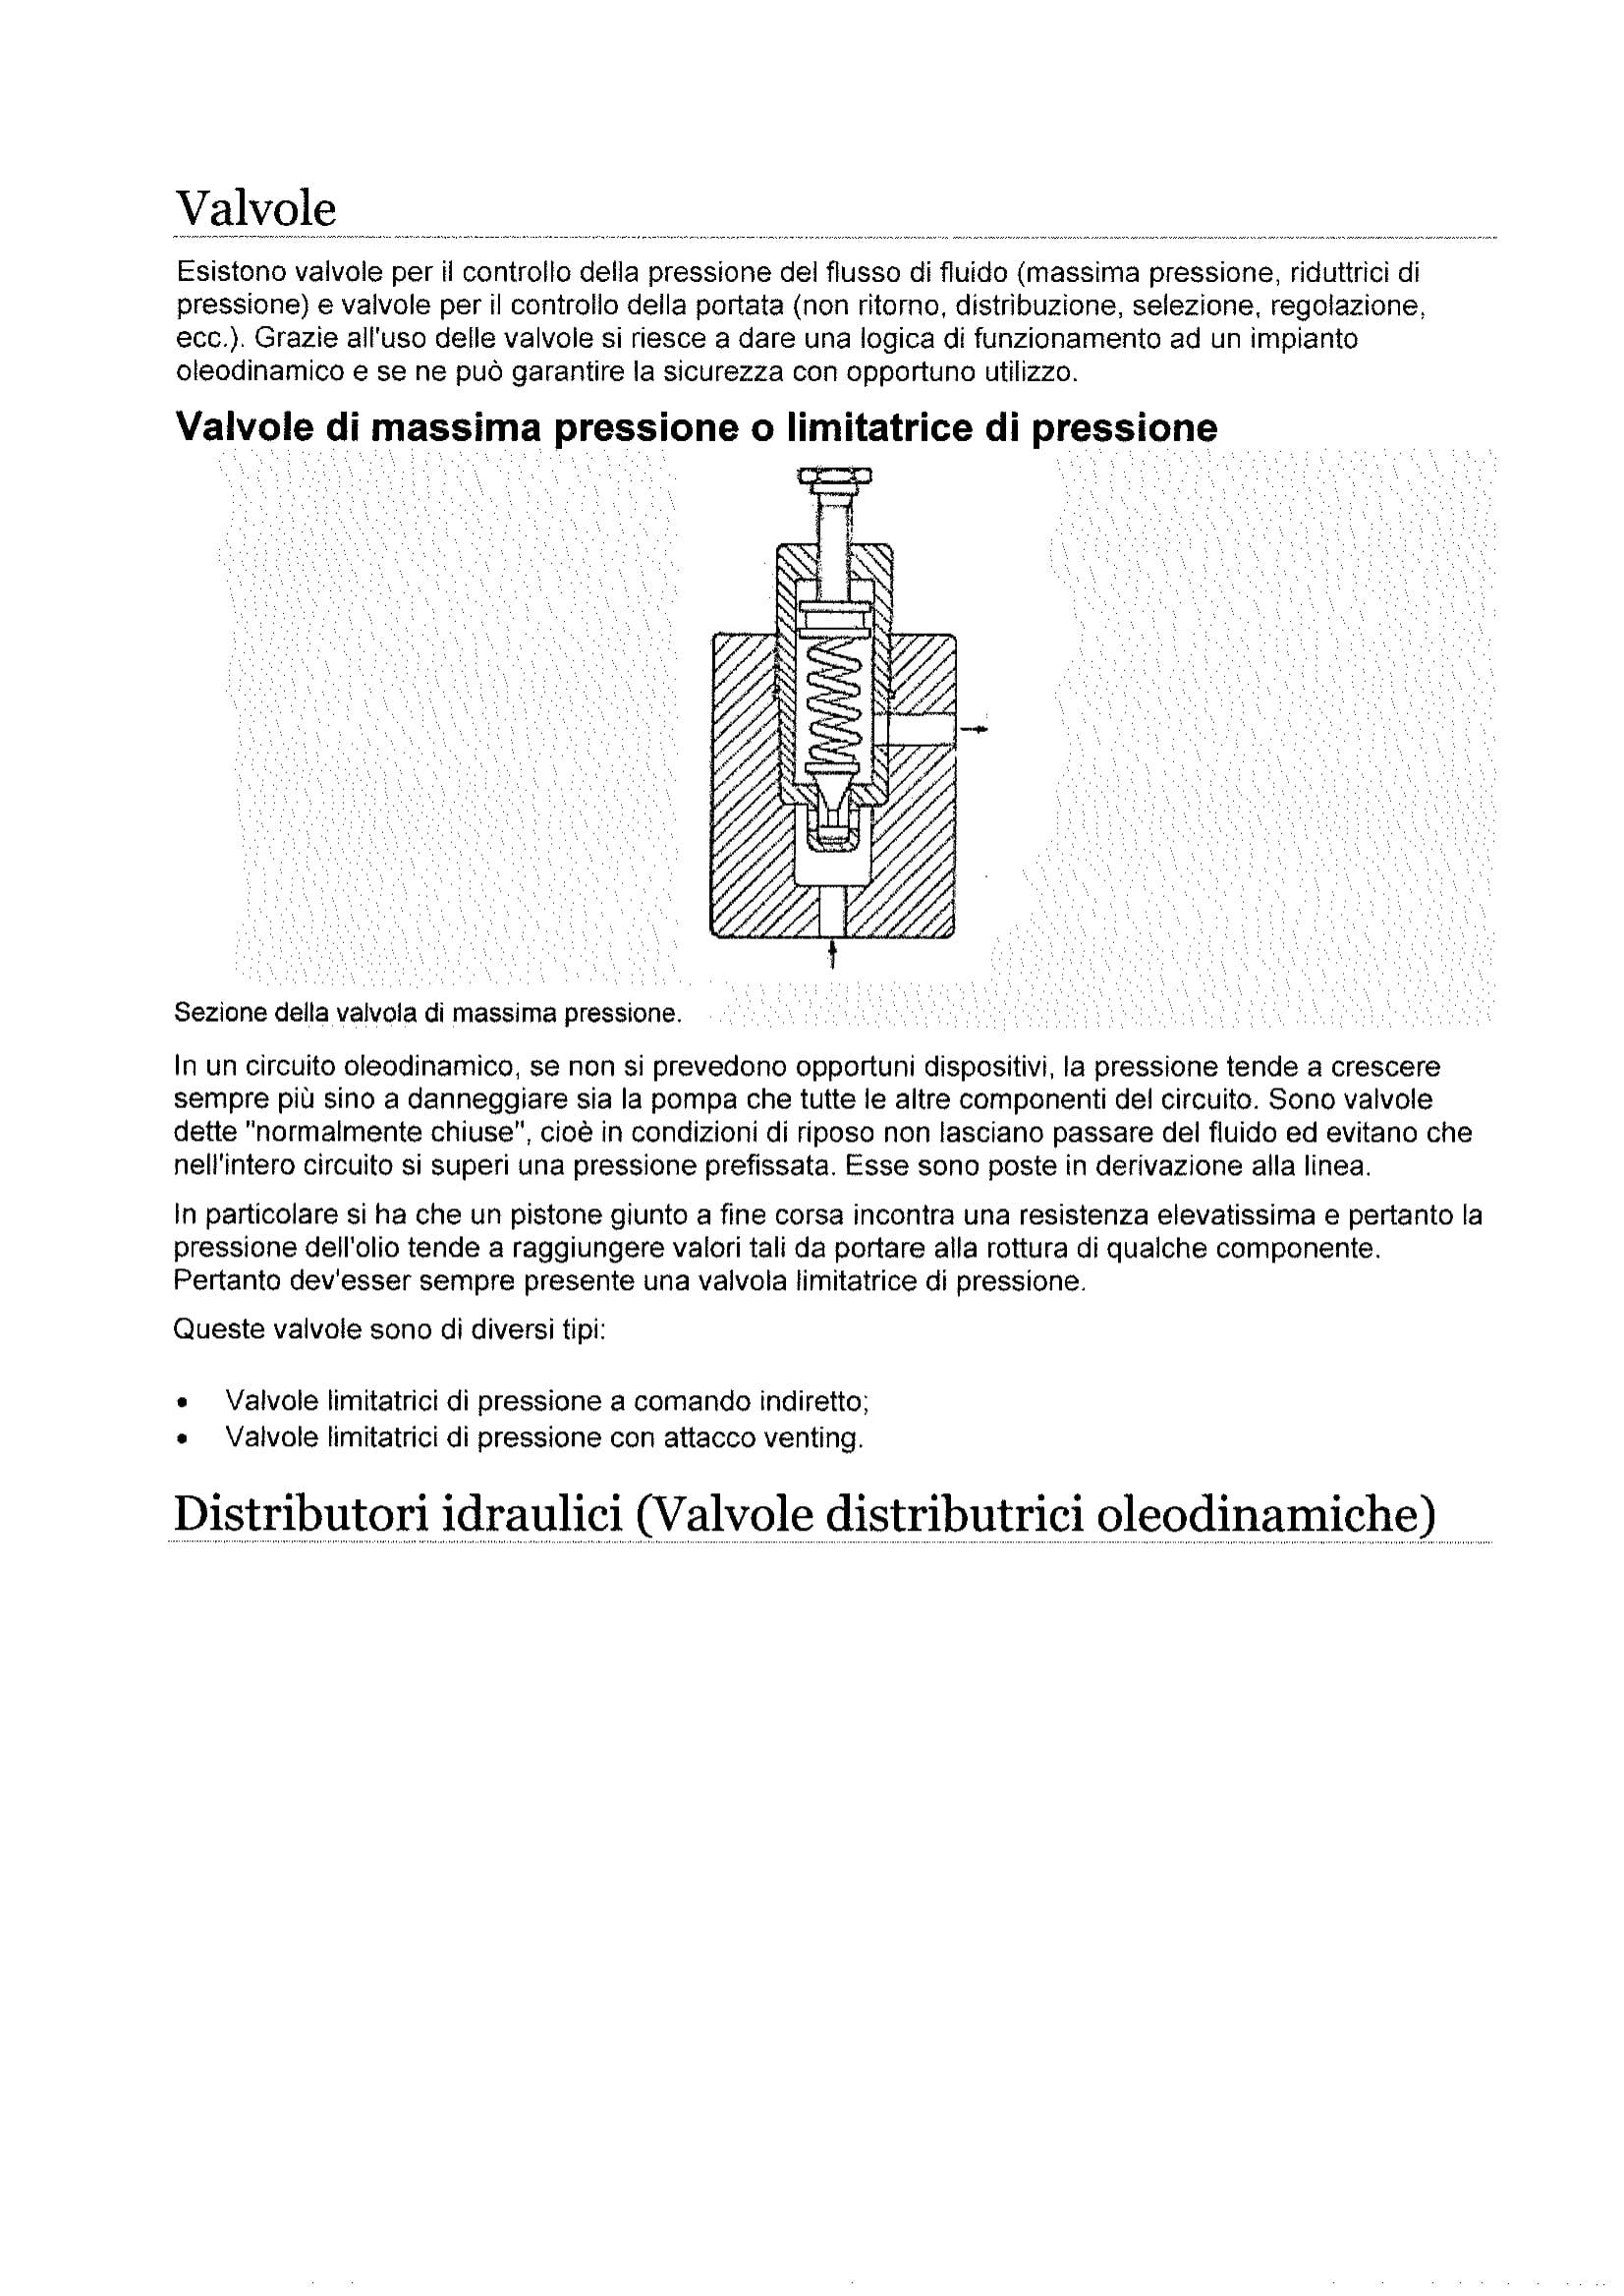 Corso di base sull'oleodinamica navale-22